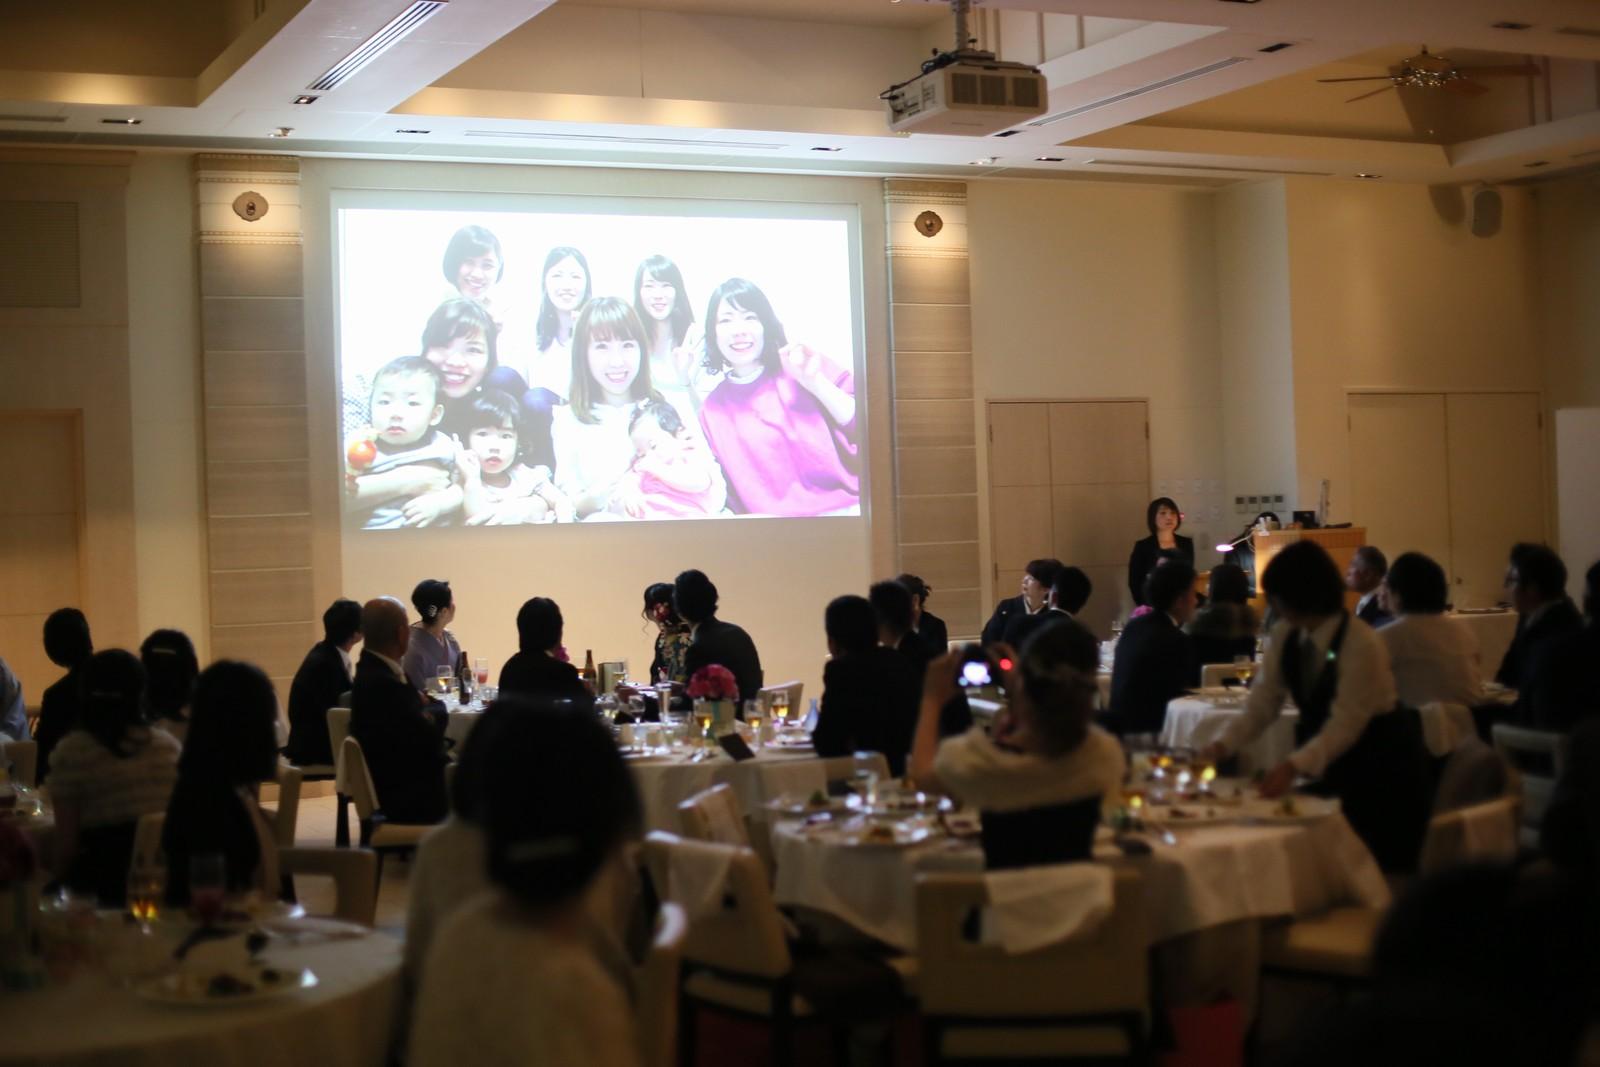 高松市の結婚式場アイルバレクラブの余興の映像